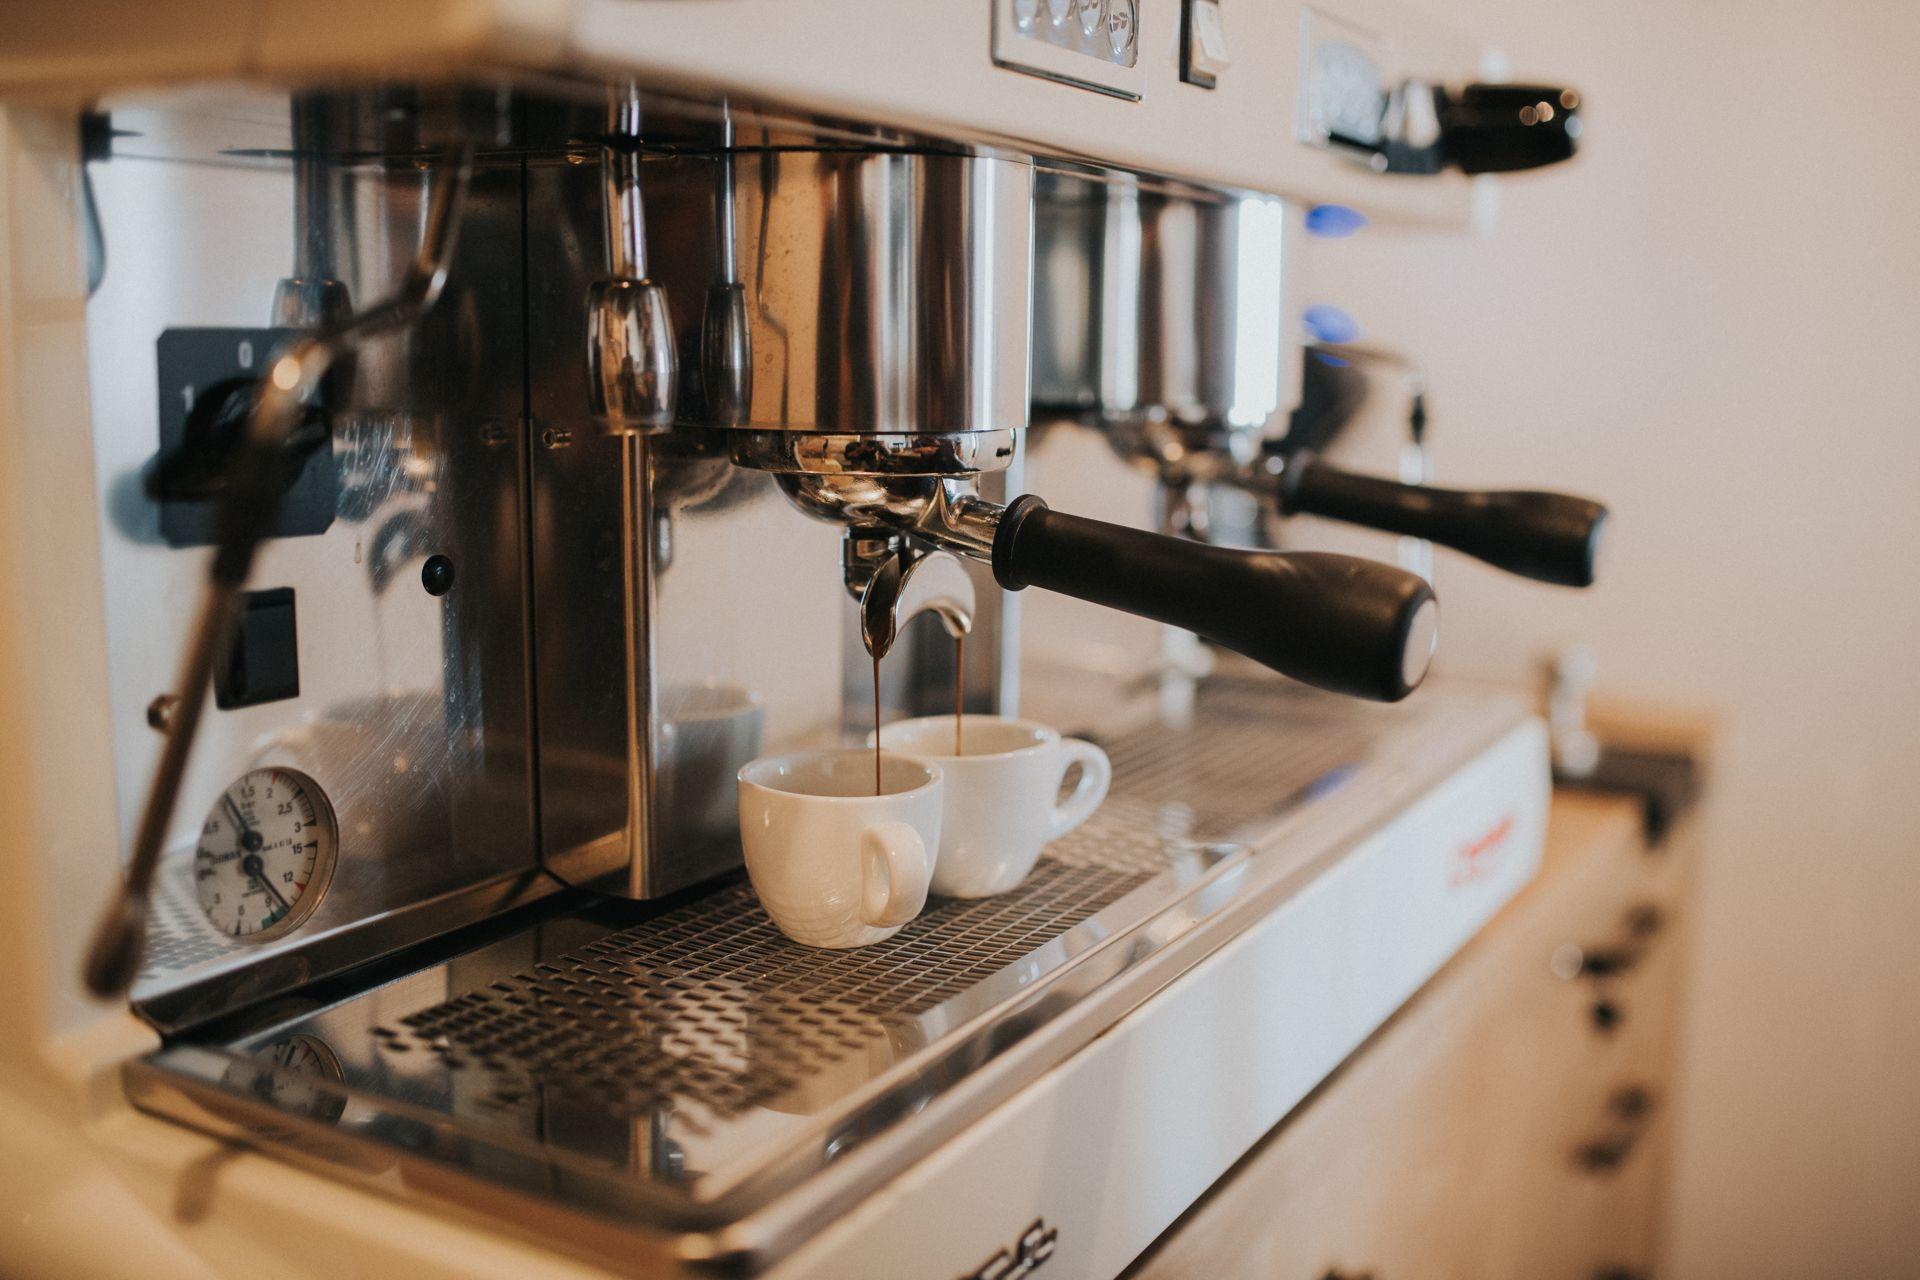 ee5e21d63 Vstupenka na degustace kávy - TOP kávy - 13. 12. 2018 - www.kava ...